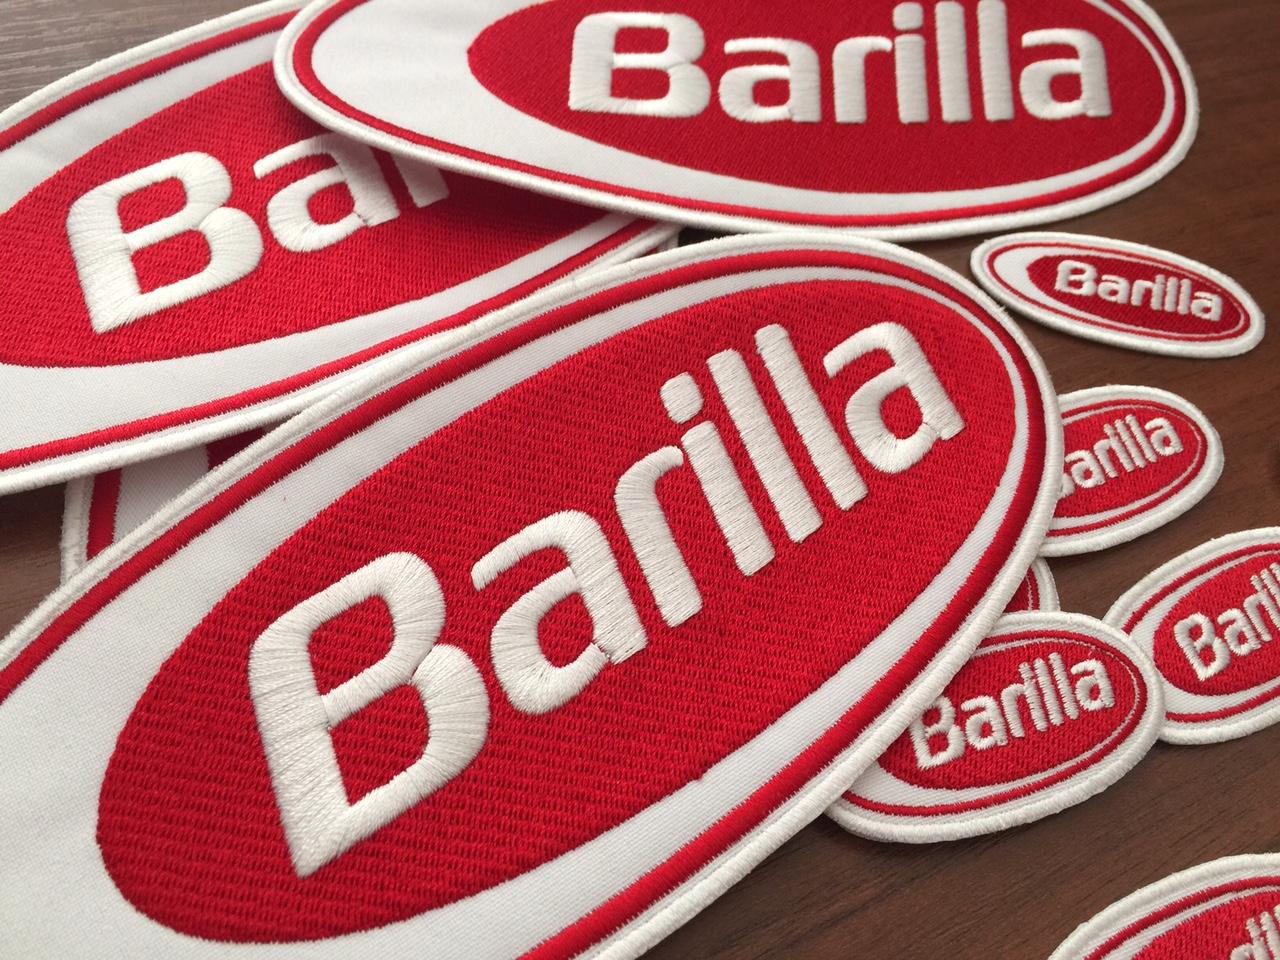 barilla-logo-aufaneher